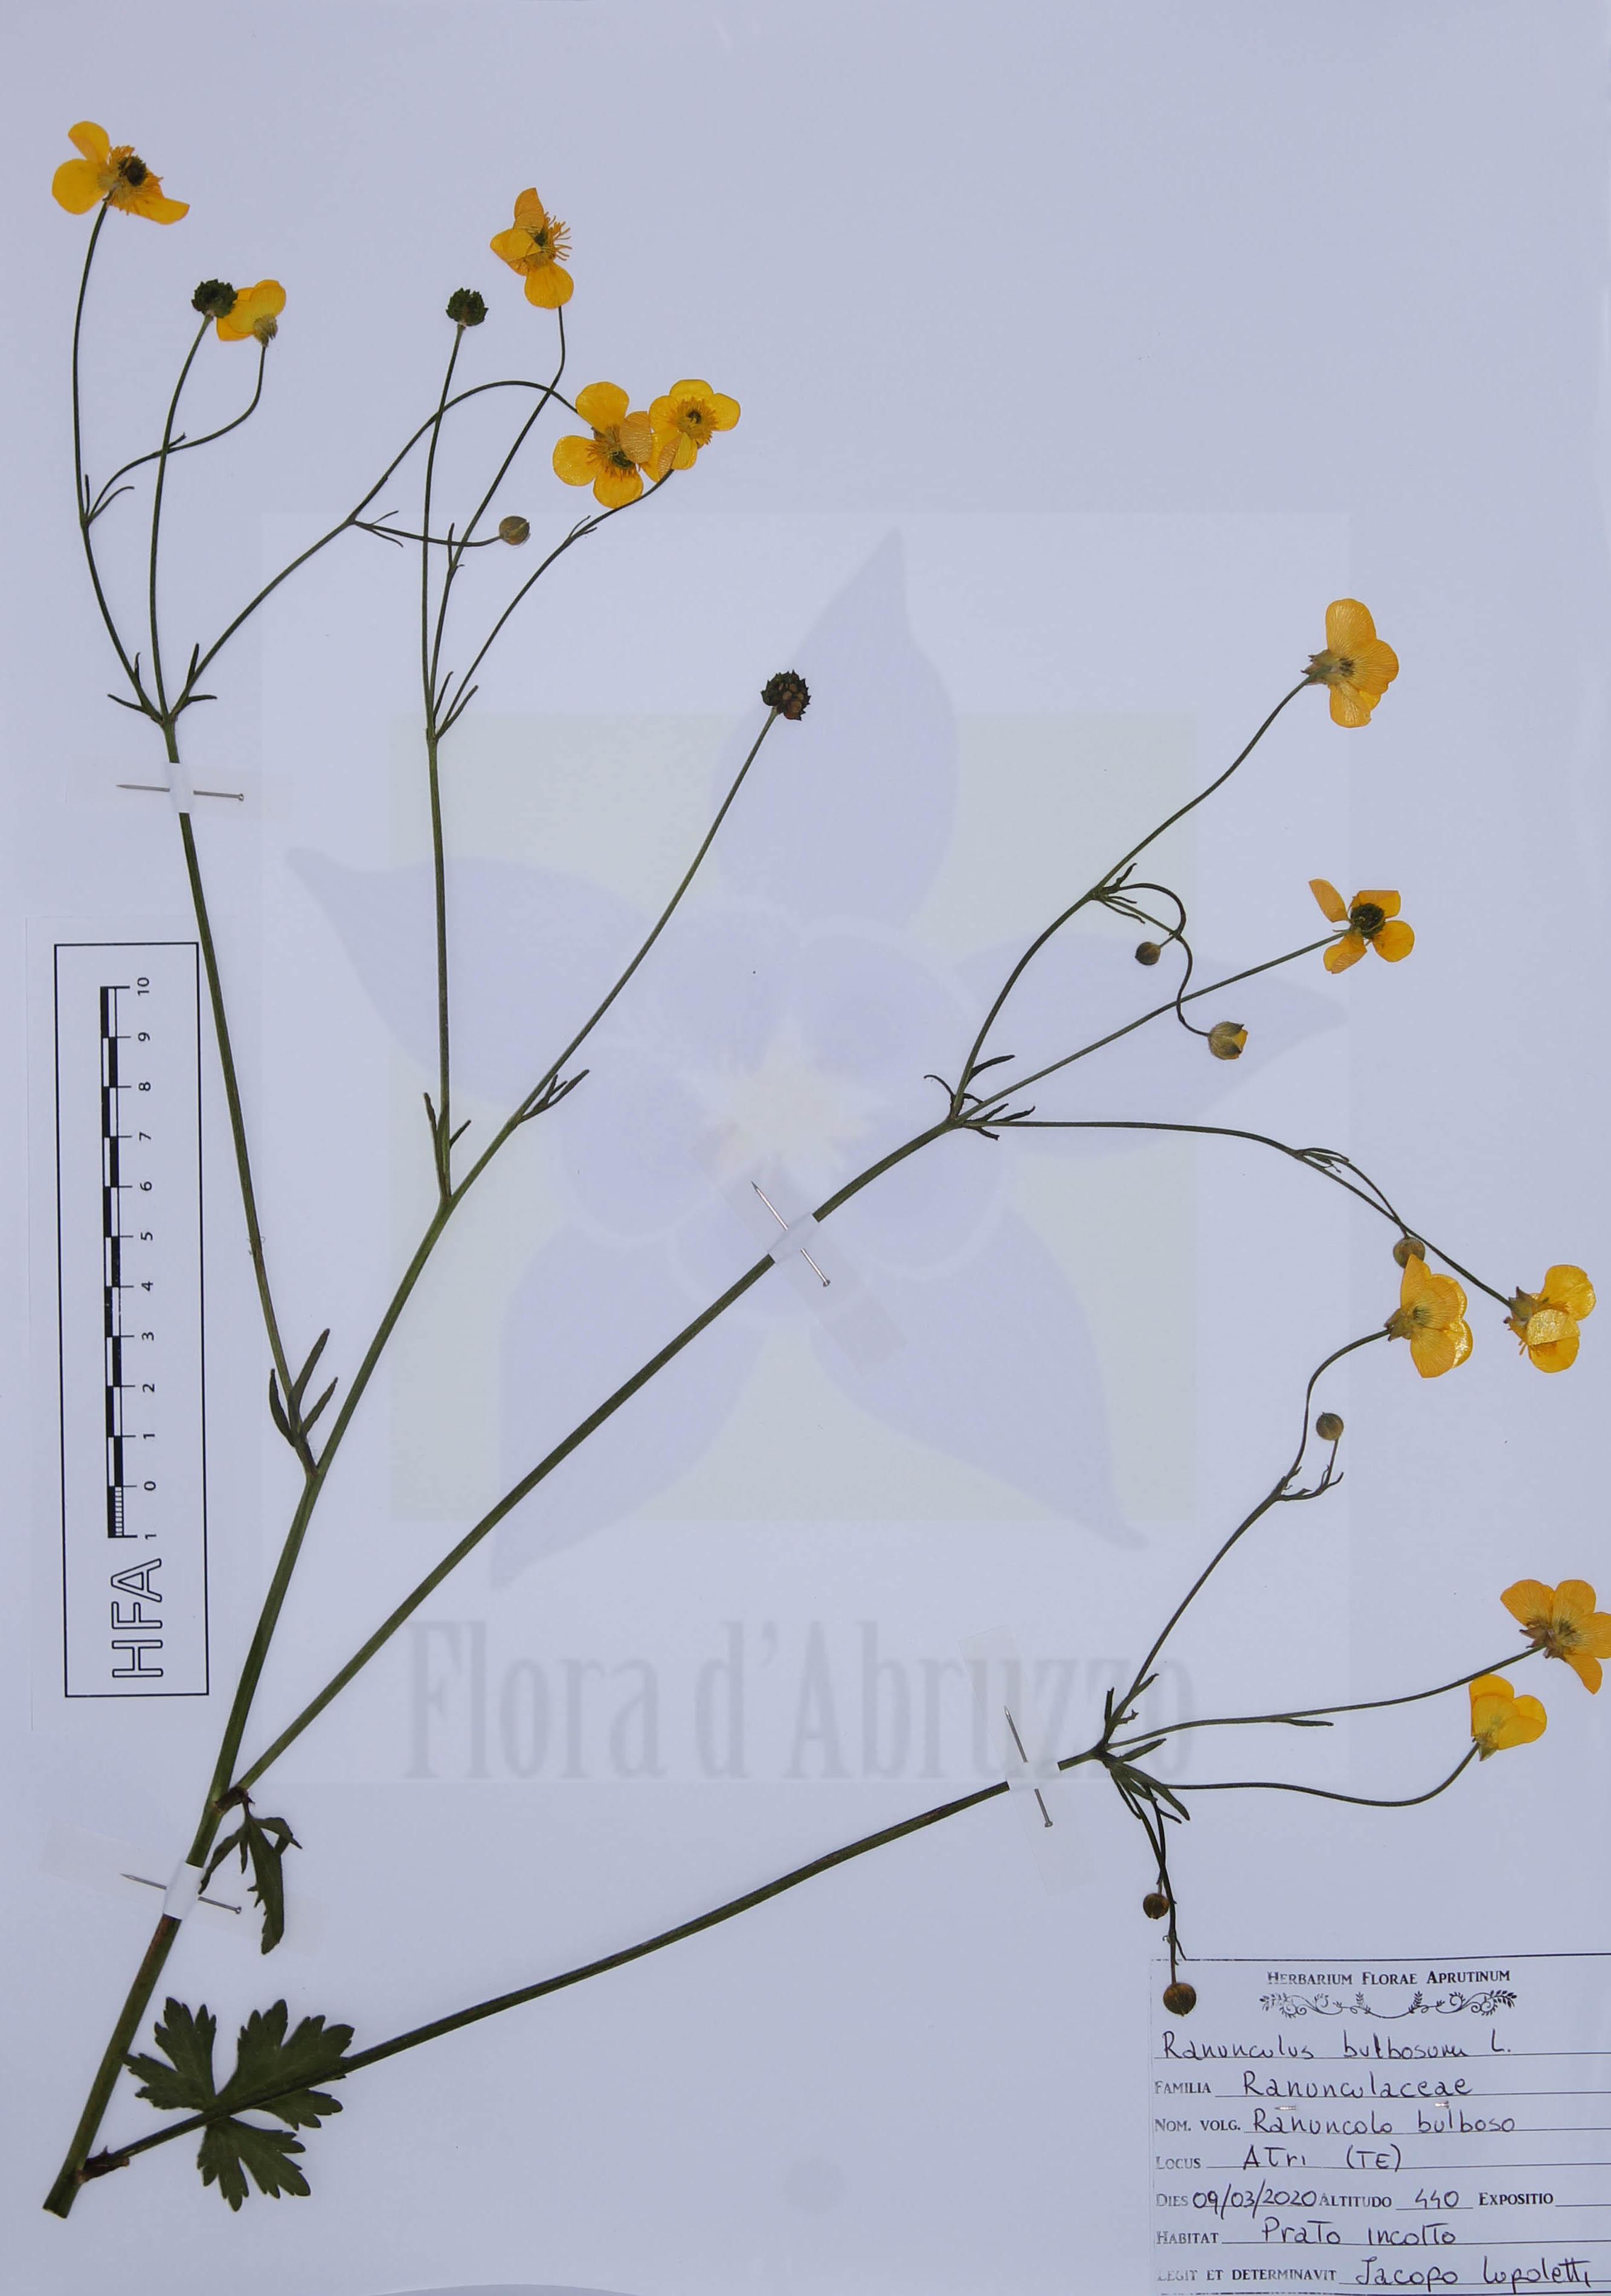 Ranunculus bulbosus L